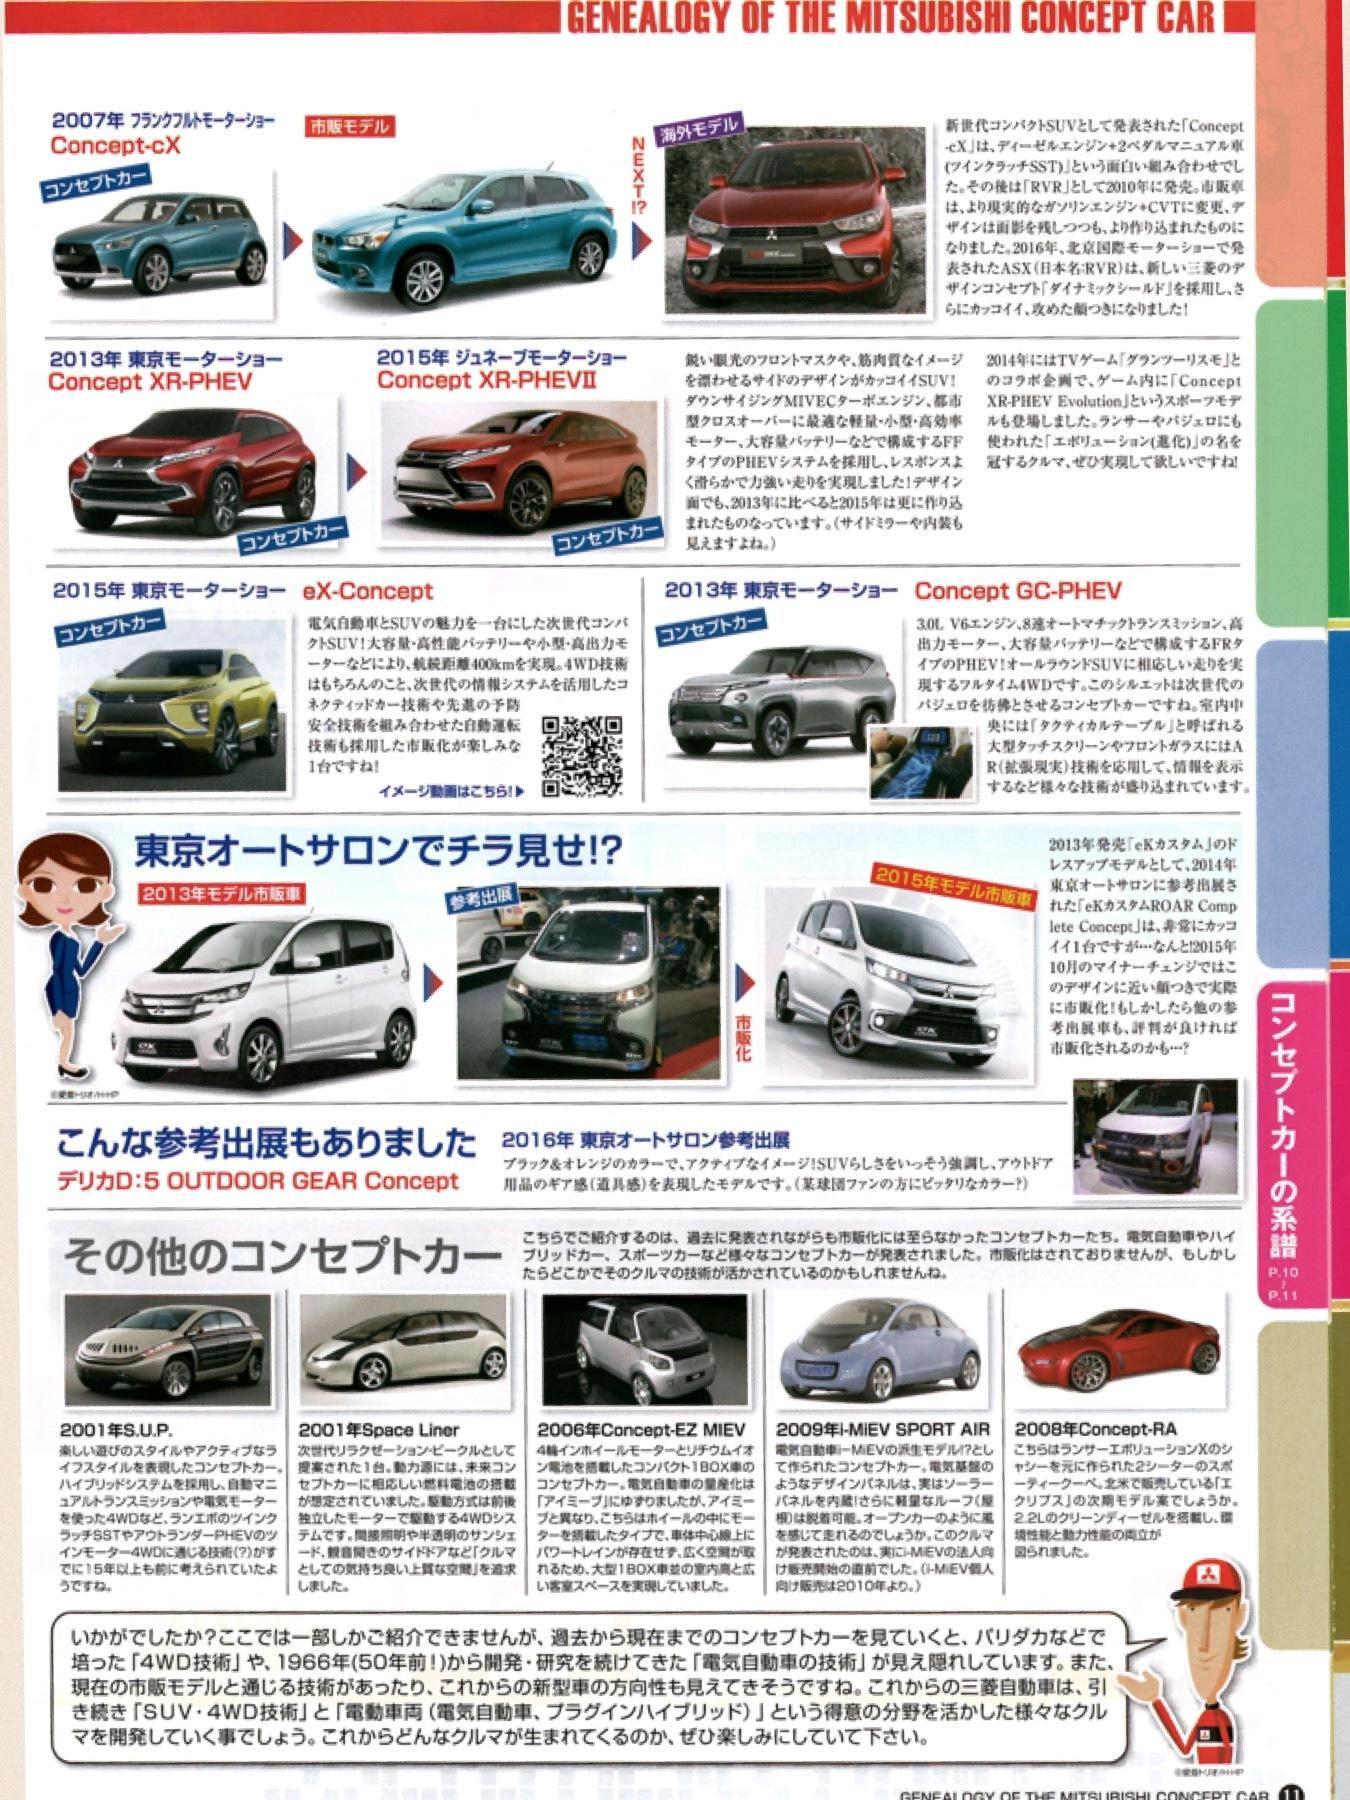 三菱初売りチラシ2017 三菱コンセプトカーの系譜